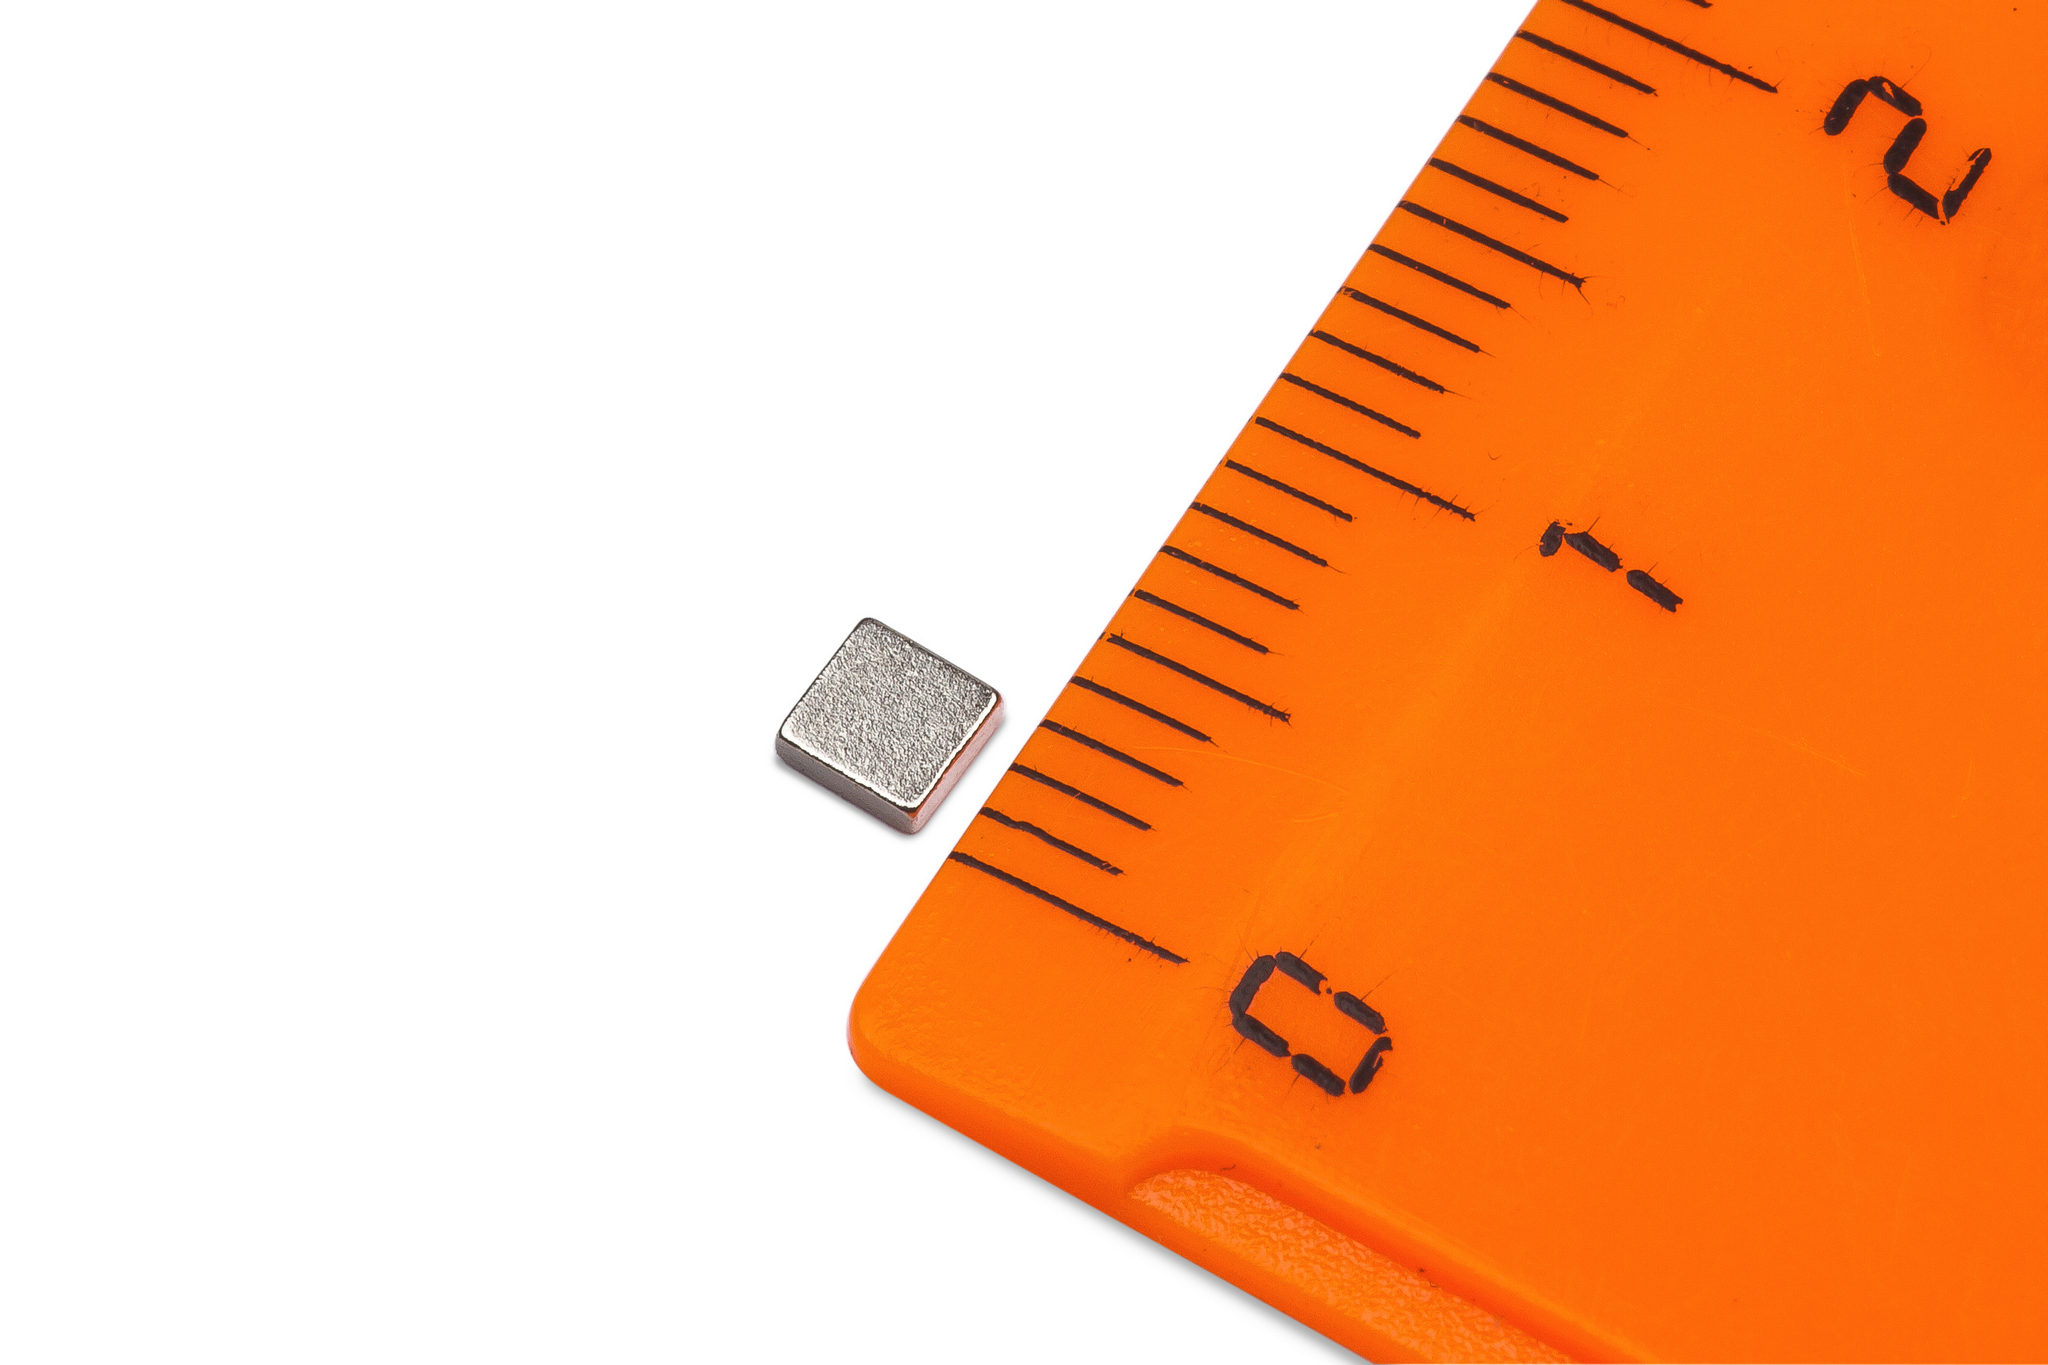 Мир Магнитов Неодимовый магнит прямоугольник 3x3x1 мм, N52